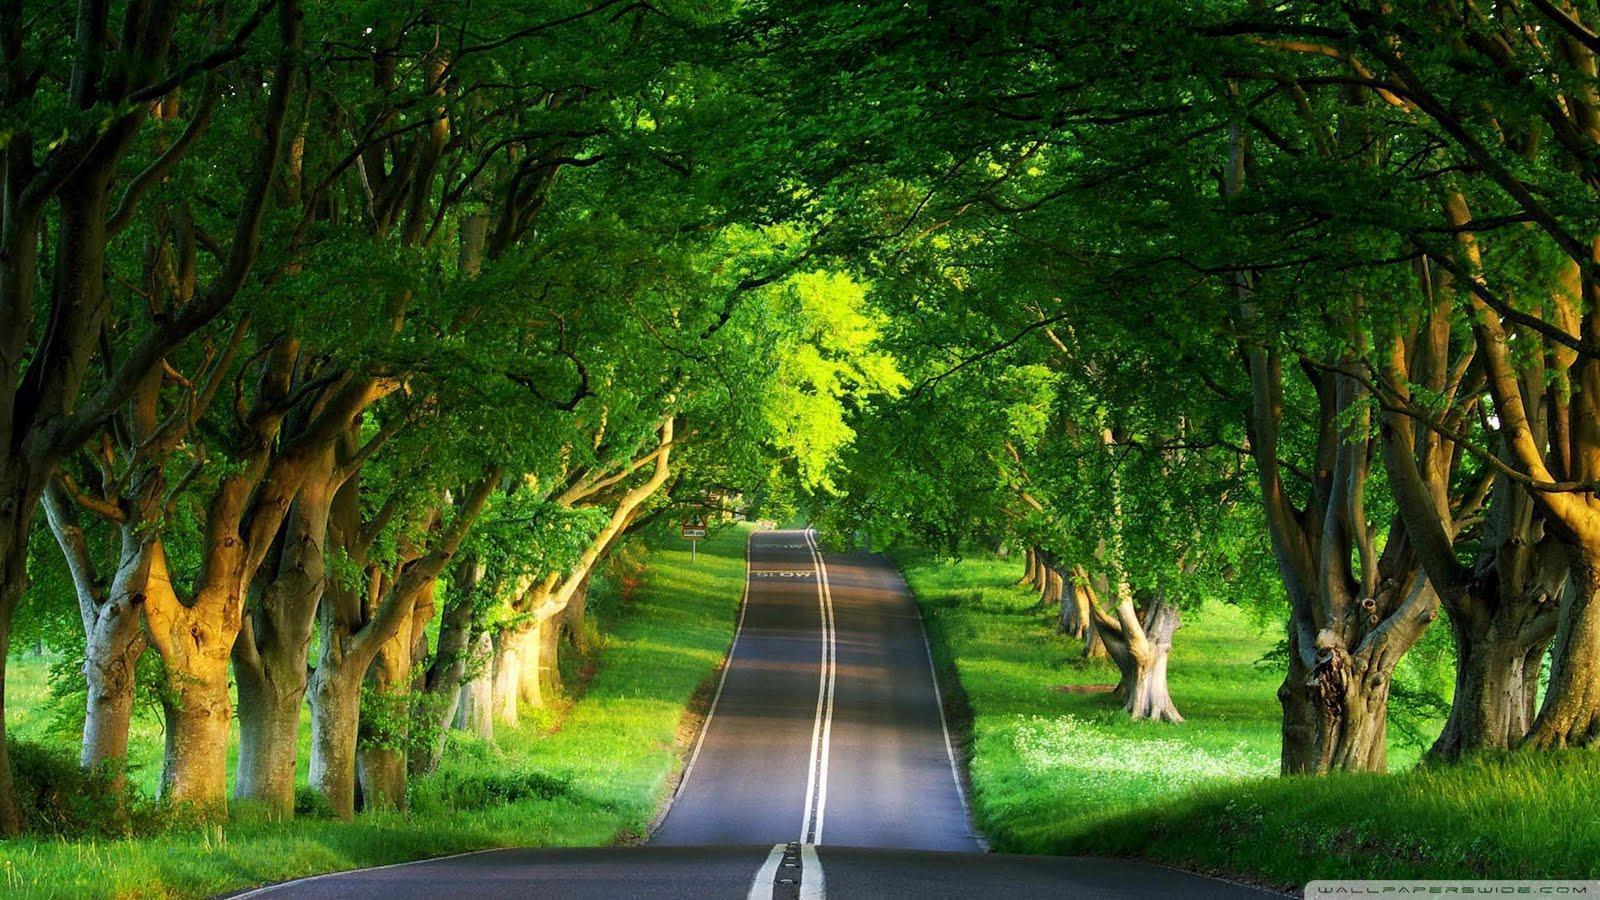 اروع صور من الطبيعة Best Nature Wallpapers 61NBEur